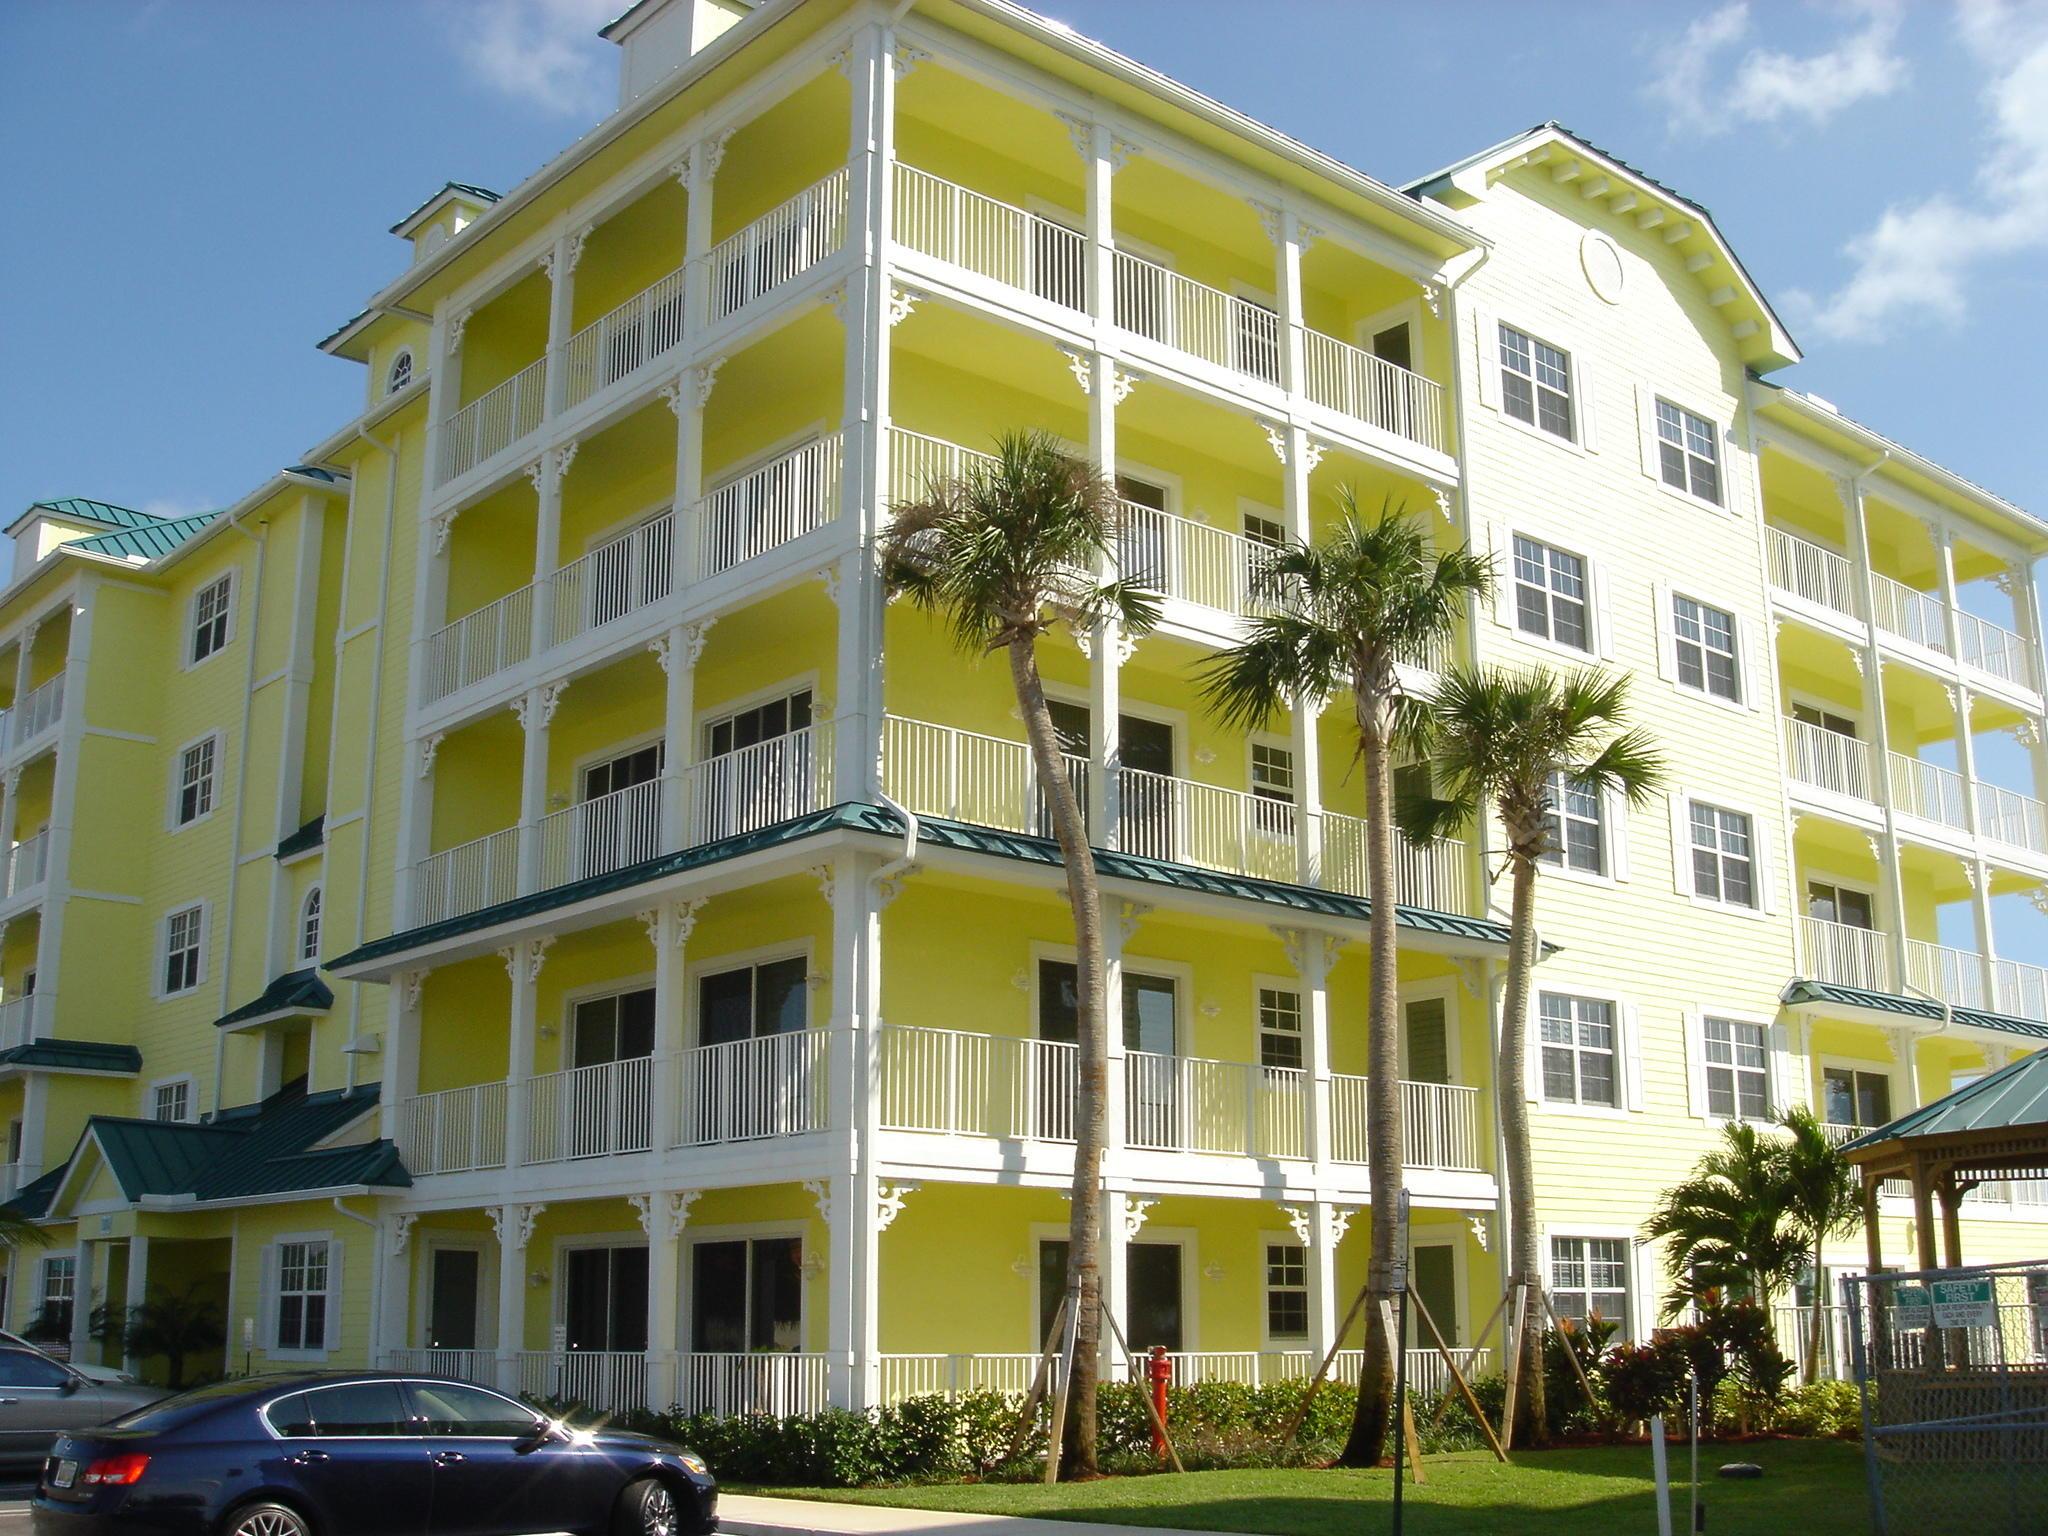 810 Juno Ocean Walk, Juno Beach, Florida 33408, 2 Bedrooms Bedrooms, ,2.1 BathroomsBathrooms,Condo/Coop,For Sale,Juno Ocean Key,Juno Ocean Walk,4,RX-10498995